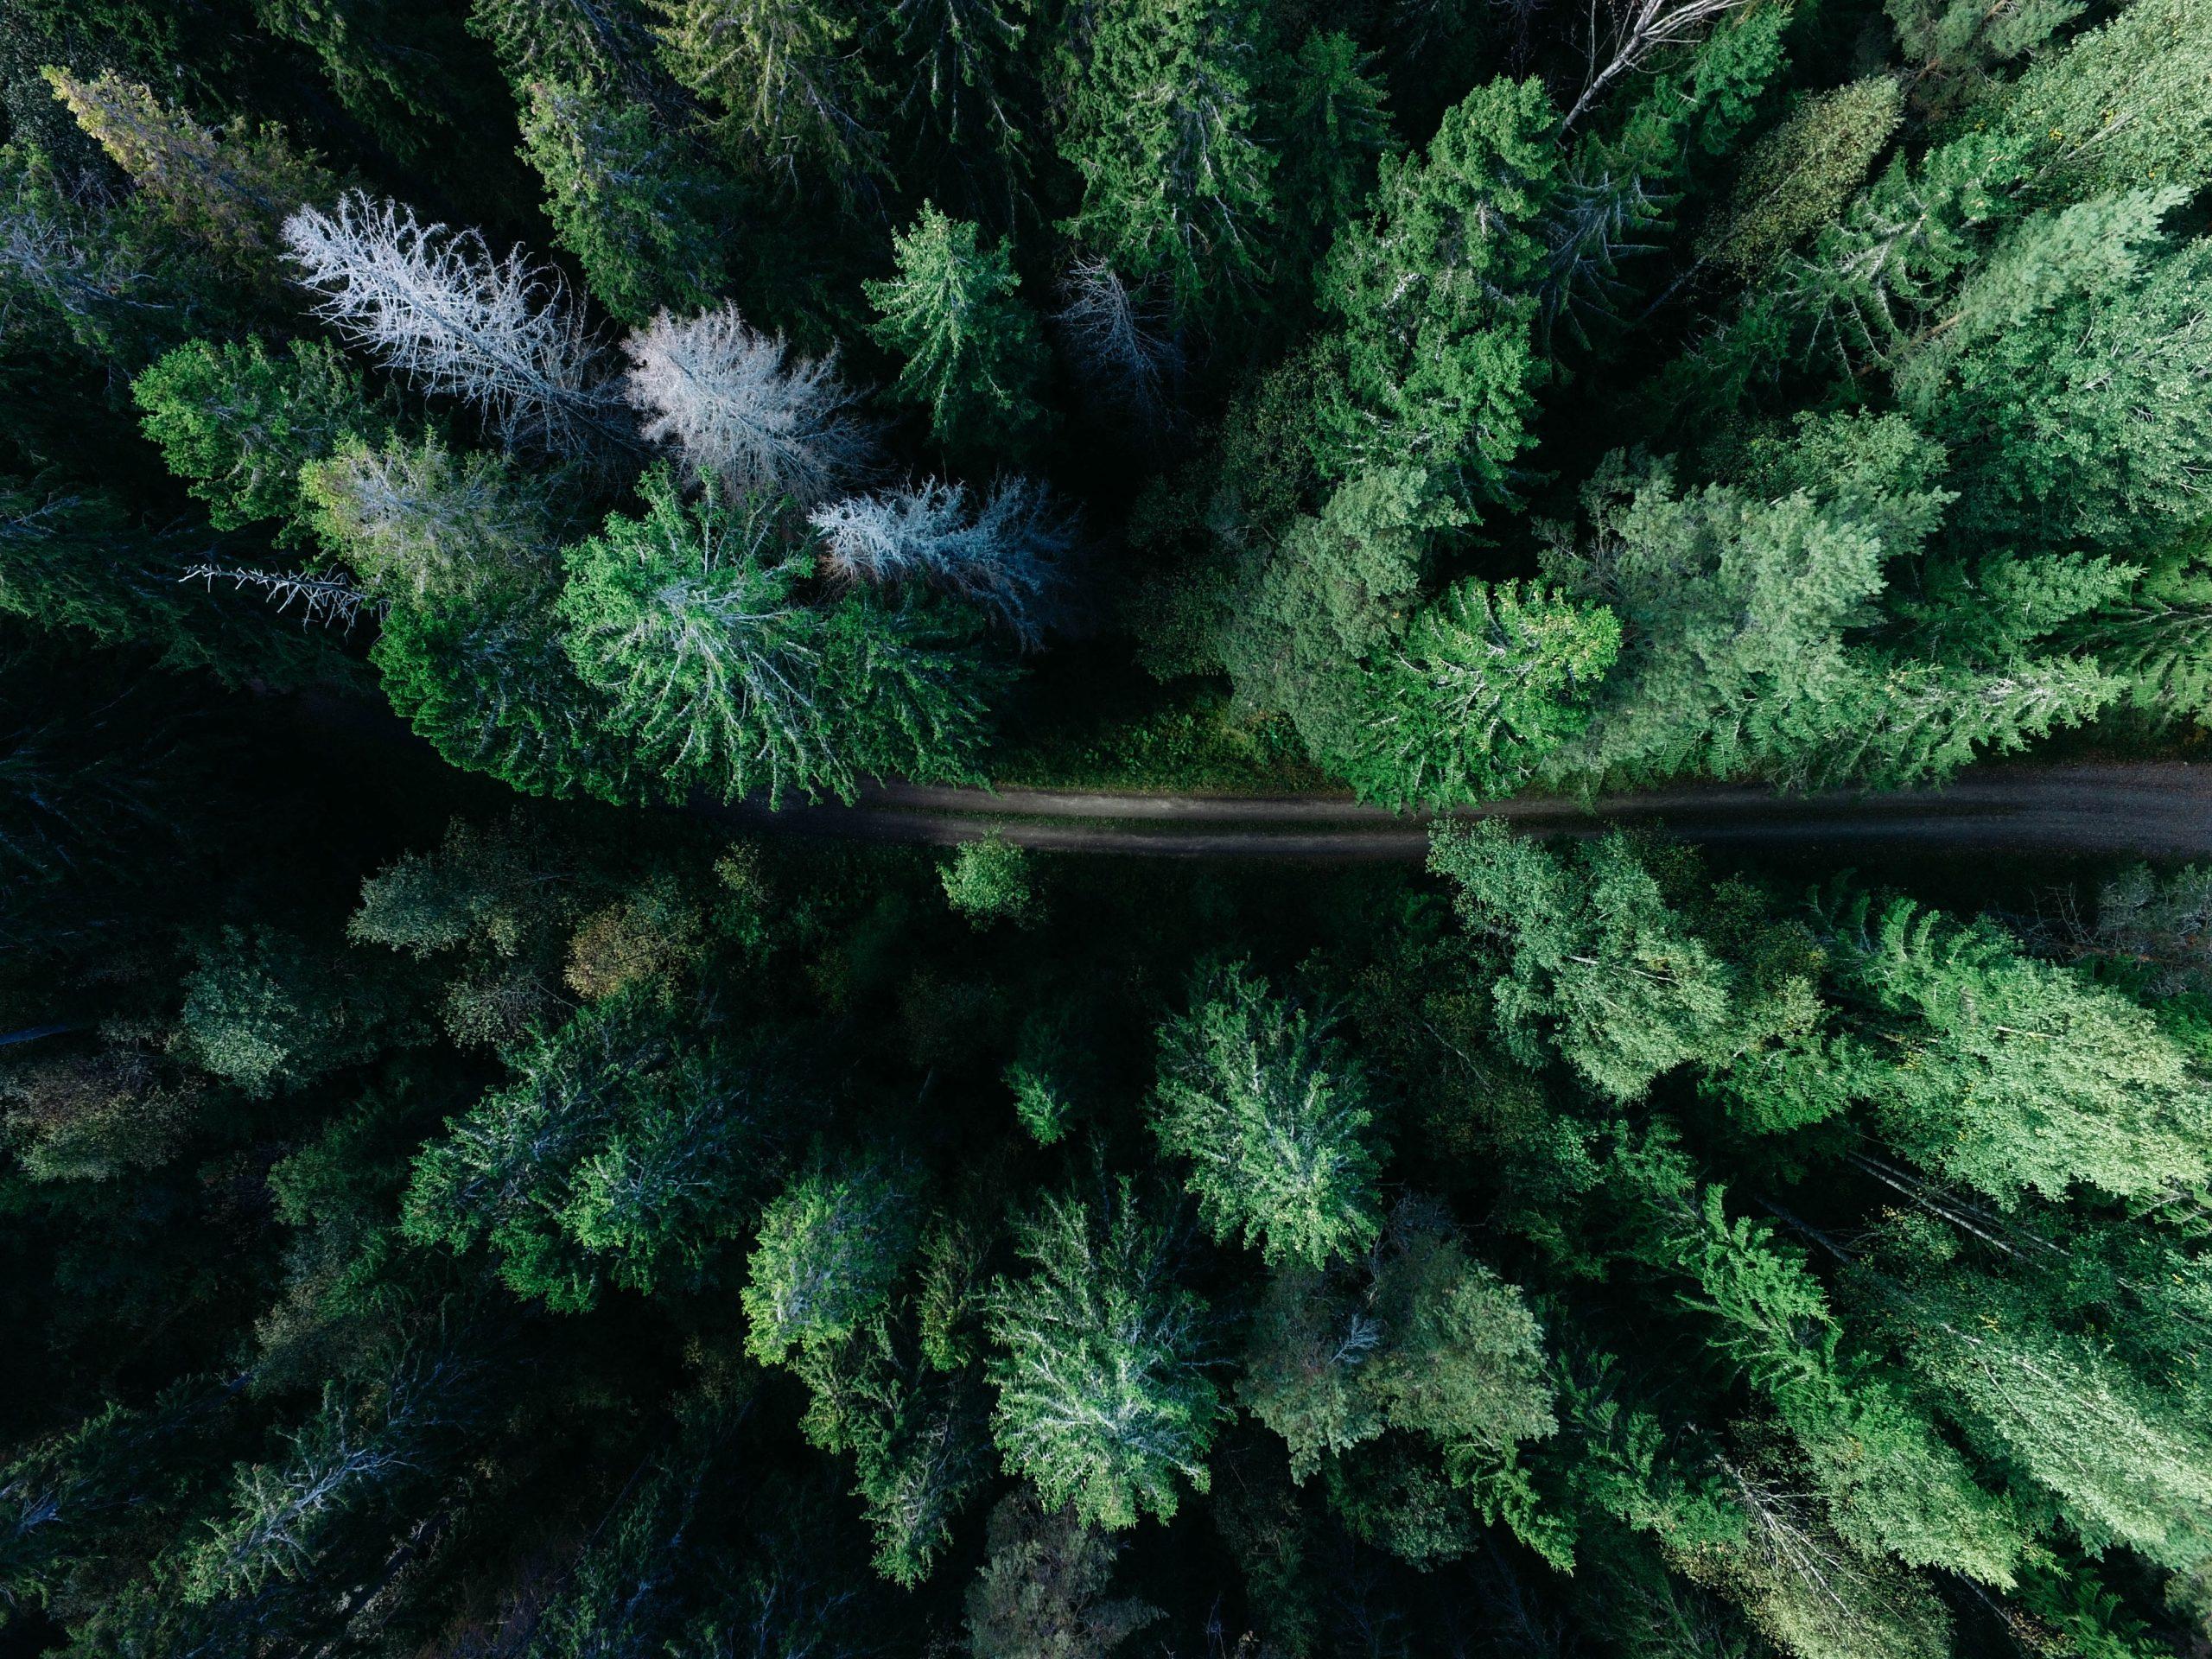 12 parcs naturels de wallonie - Unsplash - Geran de Klerk